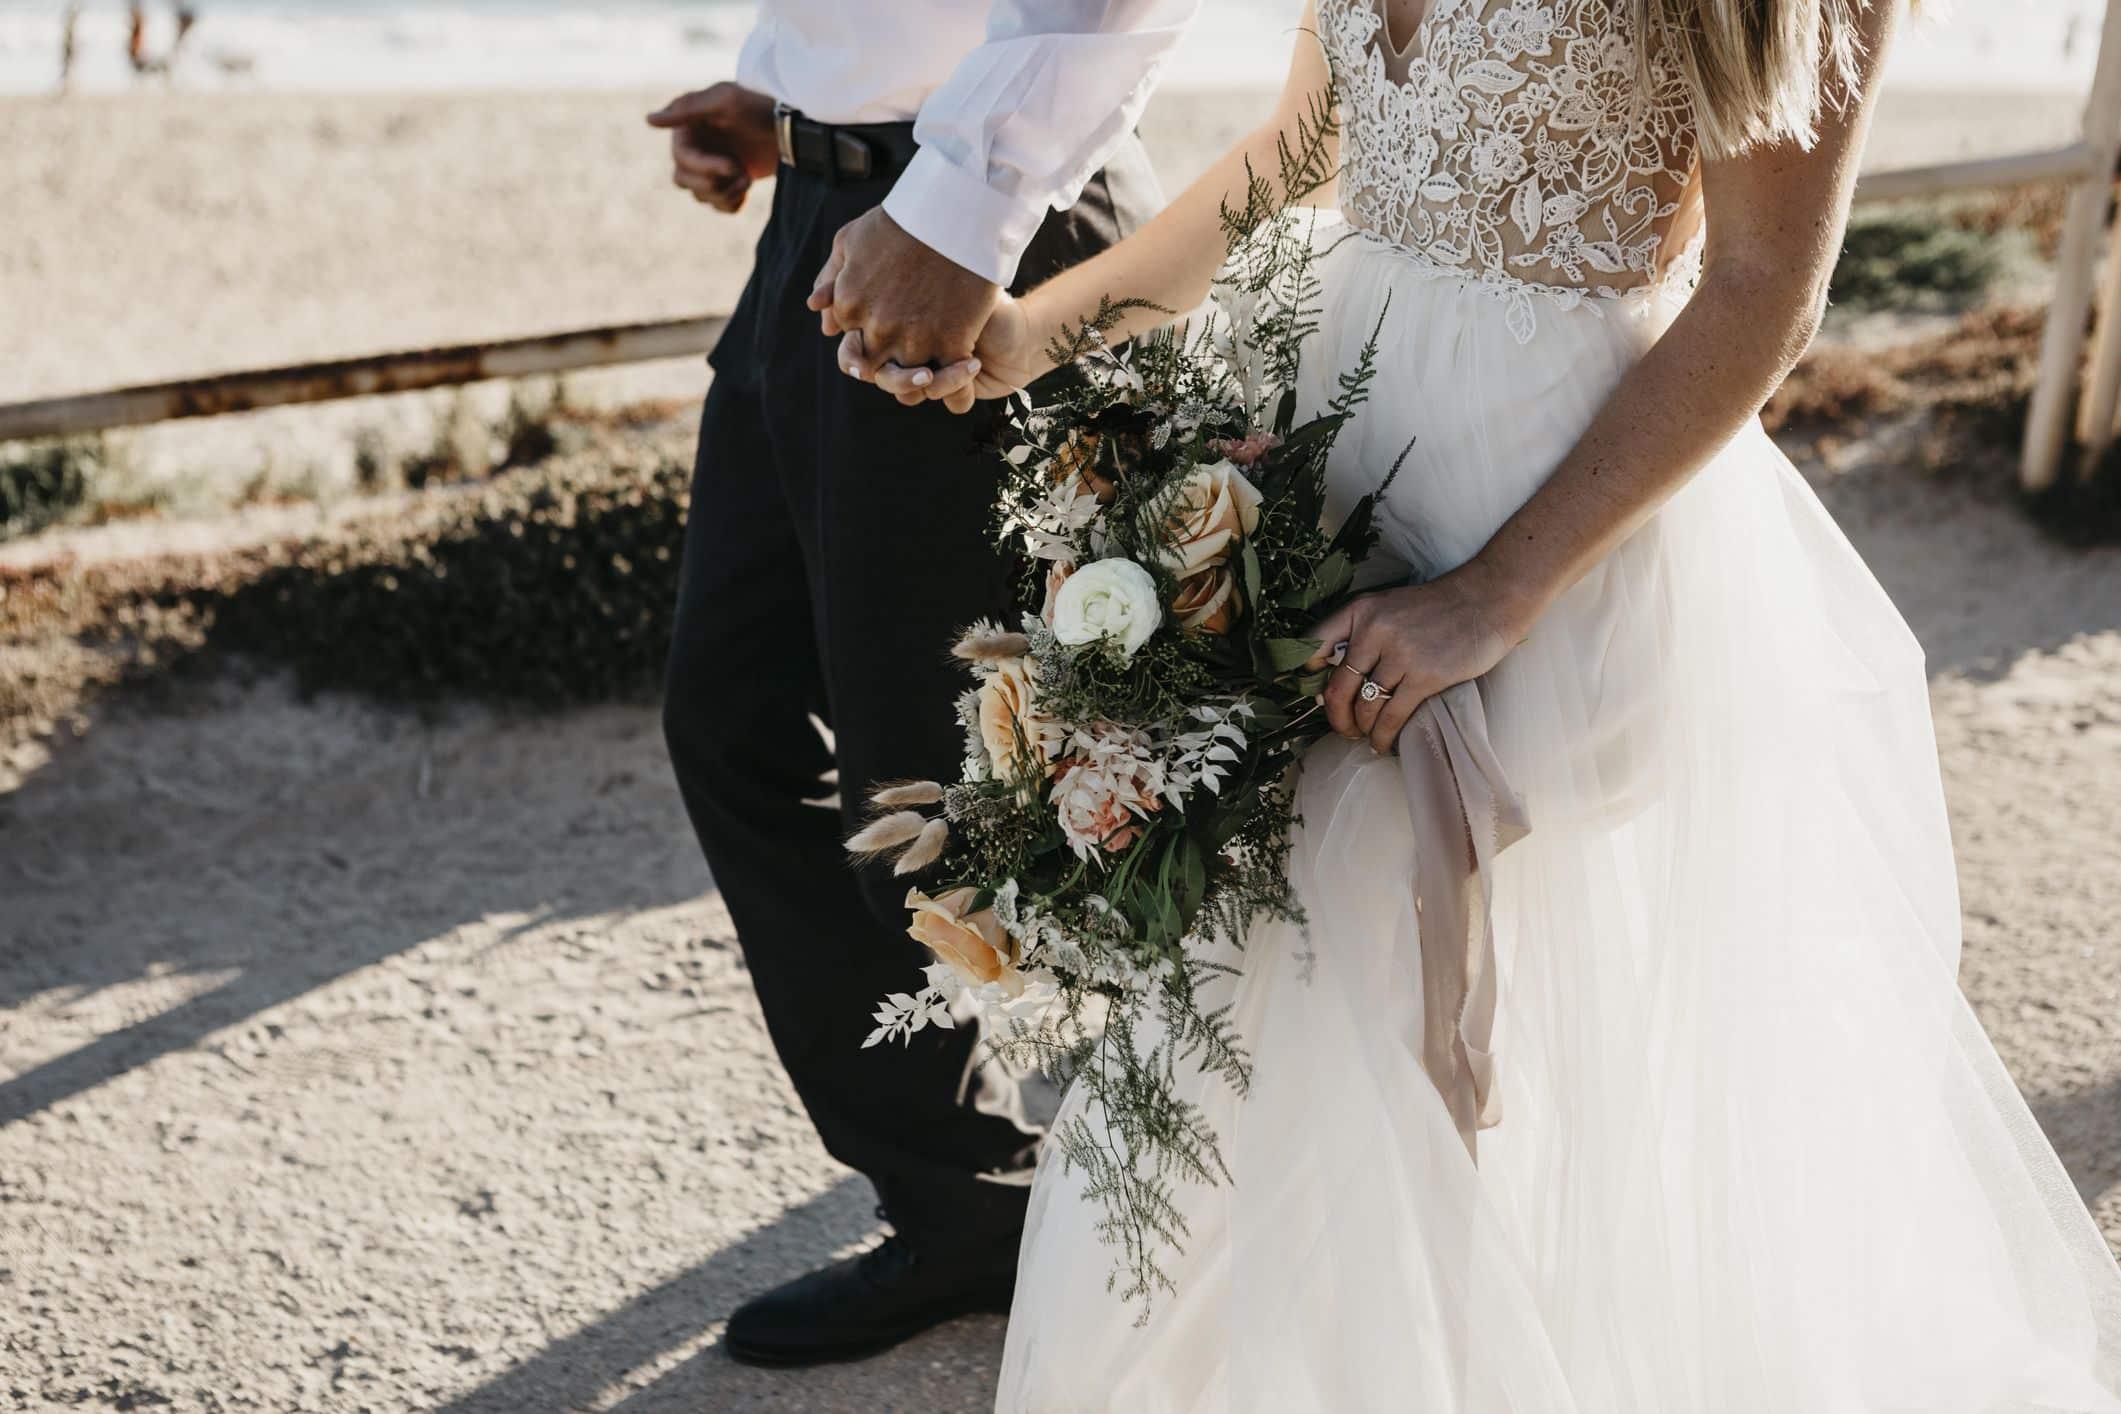 weddy1 - Ouverture de Bal / 1ère danse de mariage au Mans